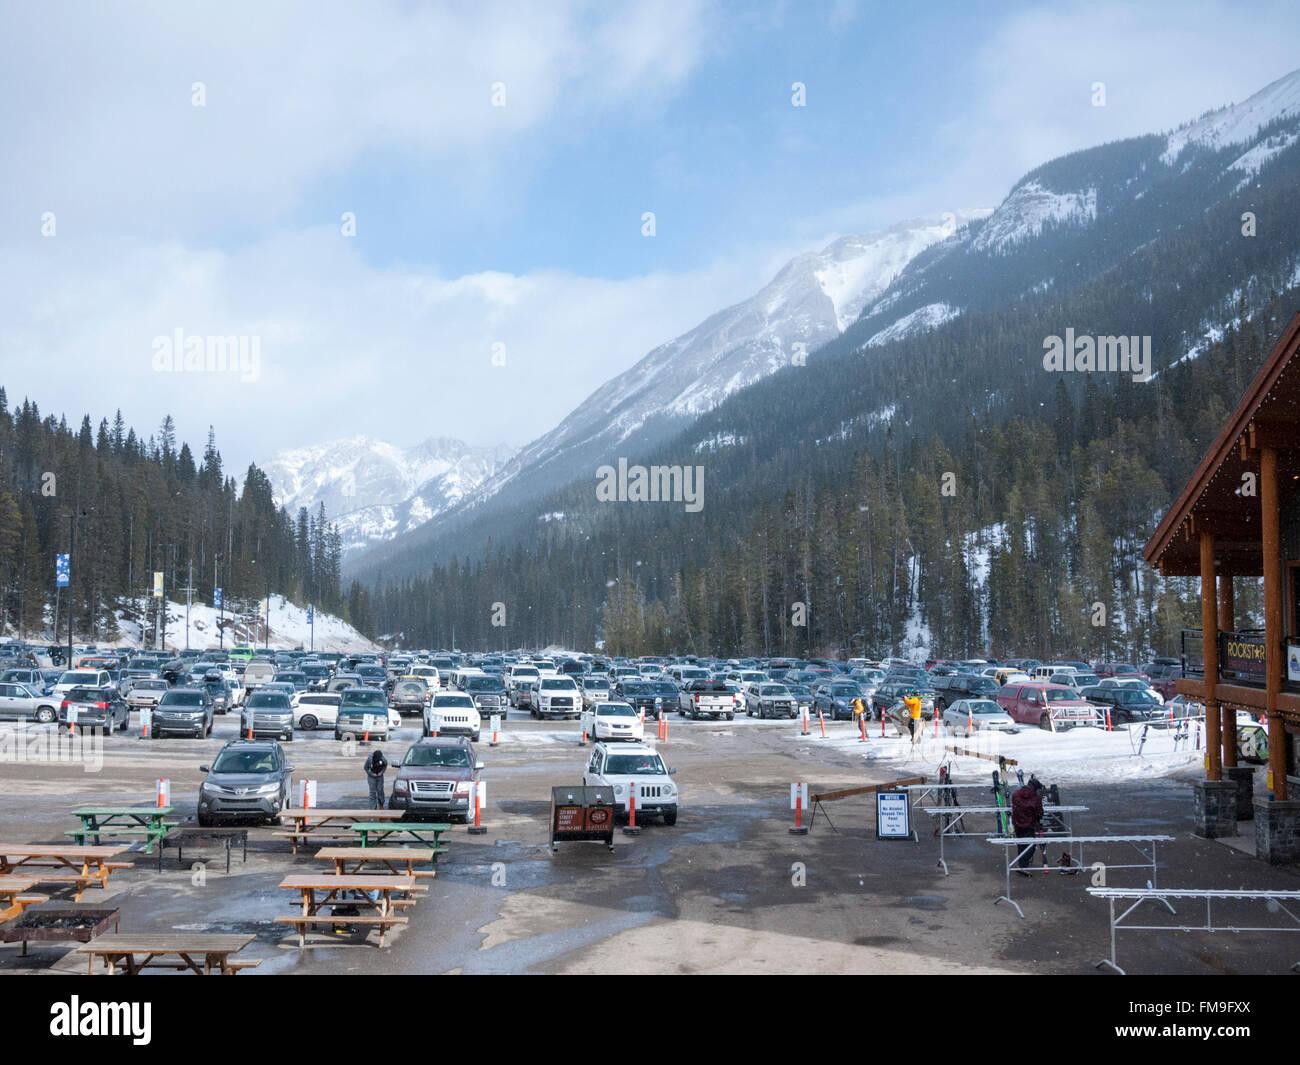 Les skieurs et le parking à la station de ski Sunshine Village Canada Banff Photo Stock